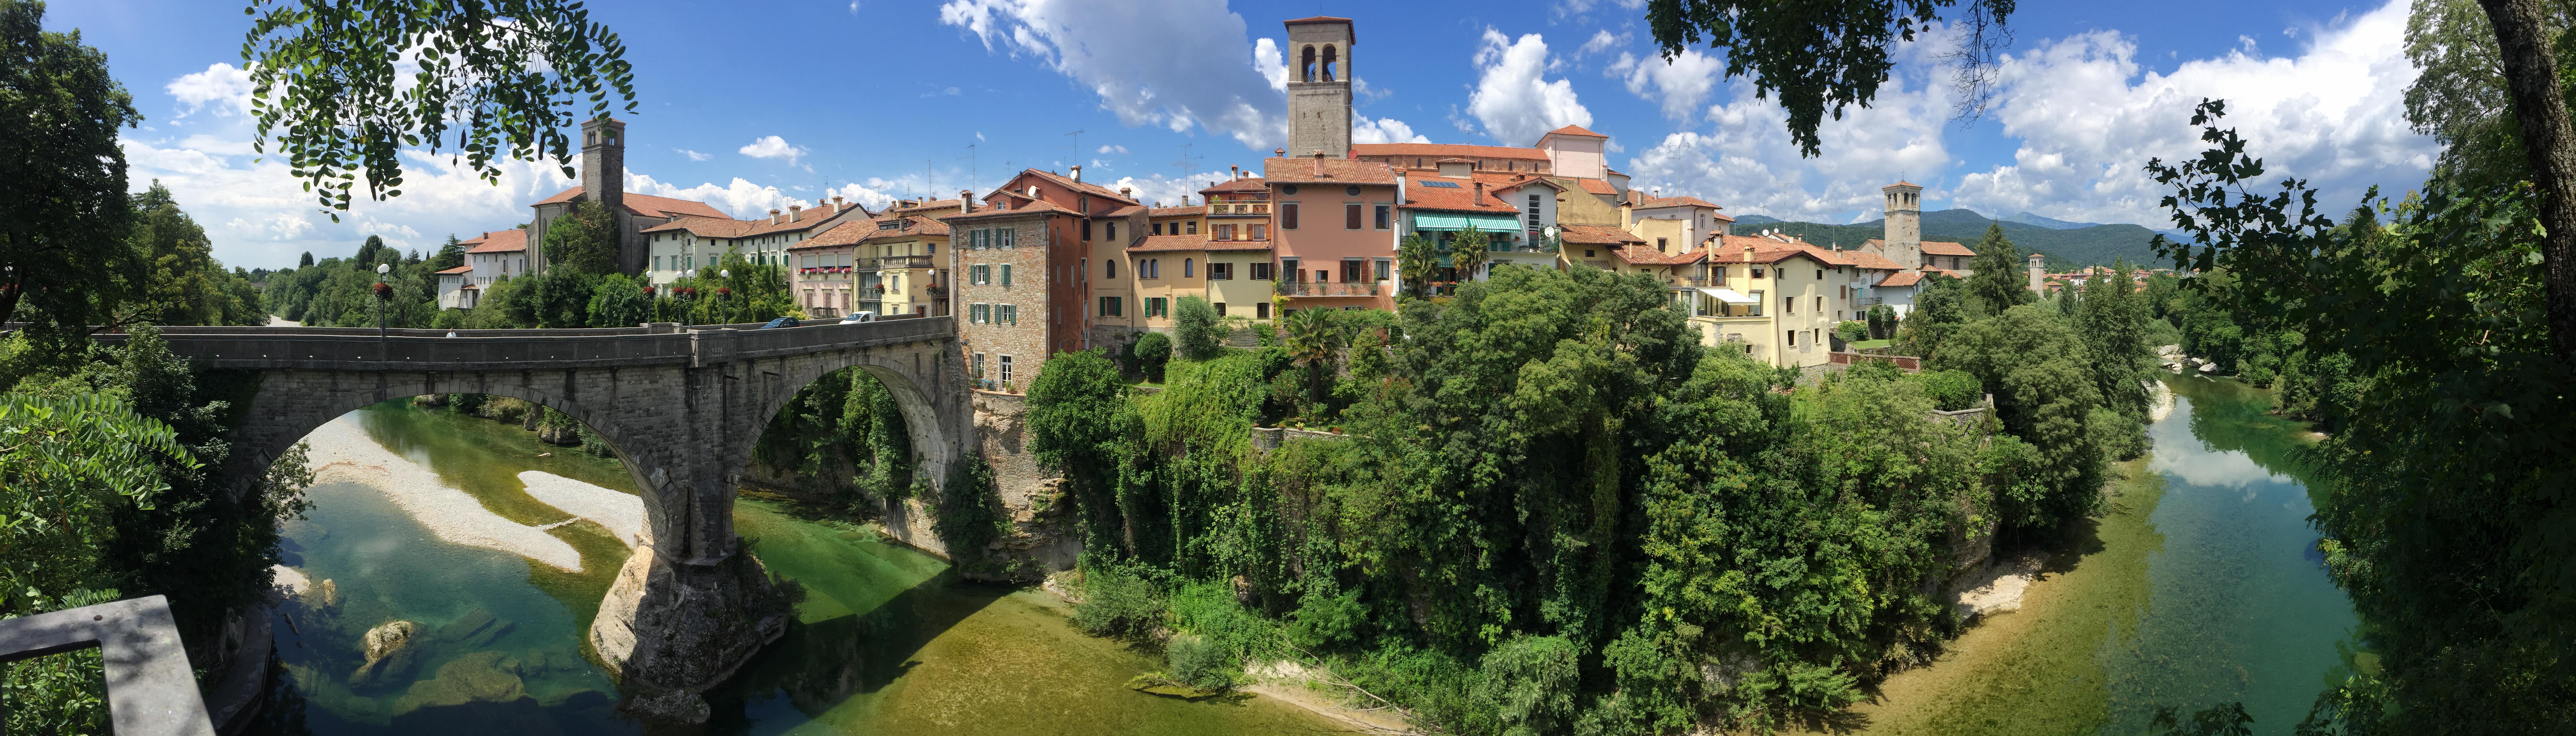 E28-6 Pano Cividale del Friuli